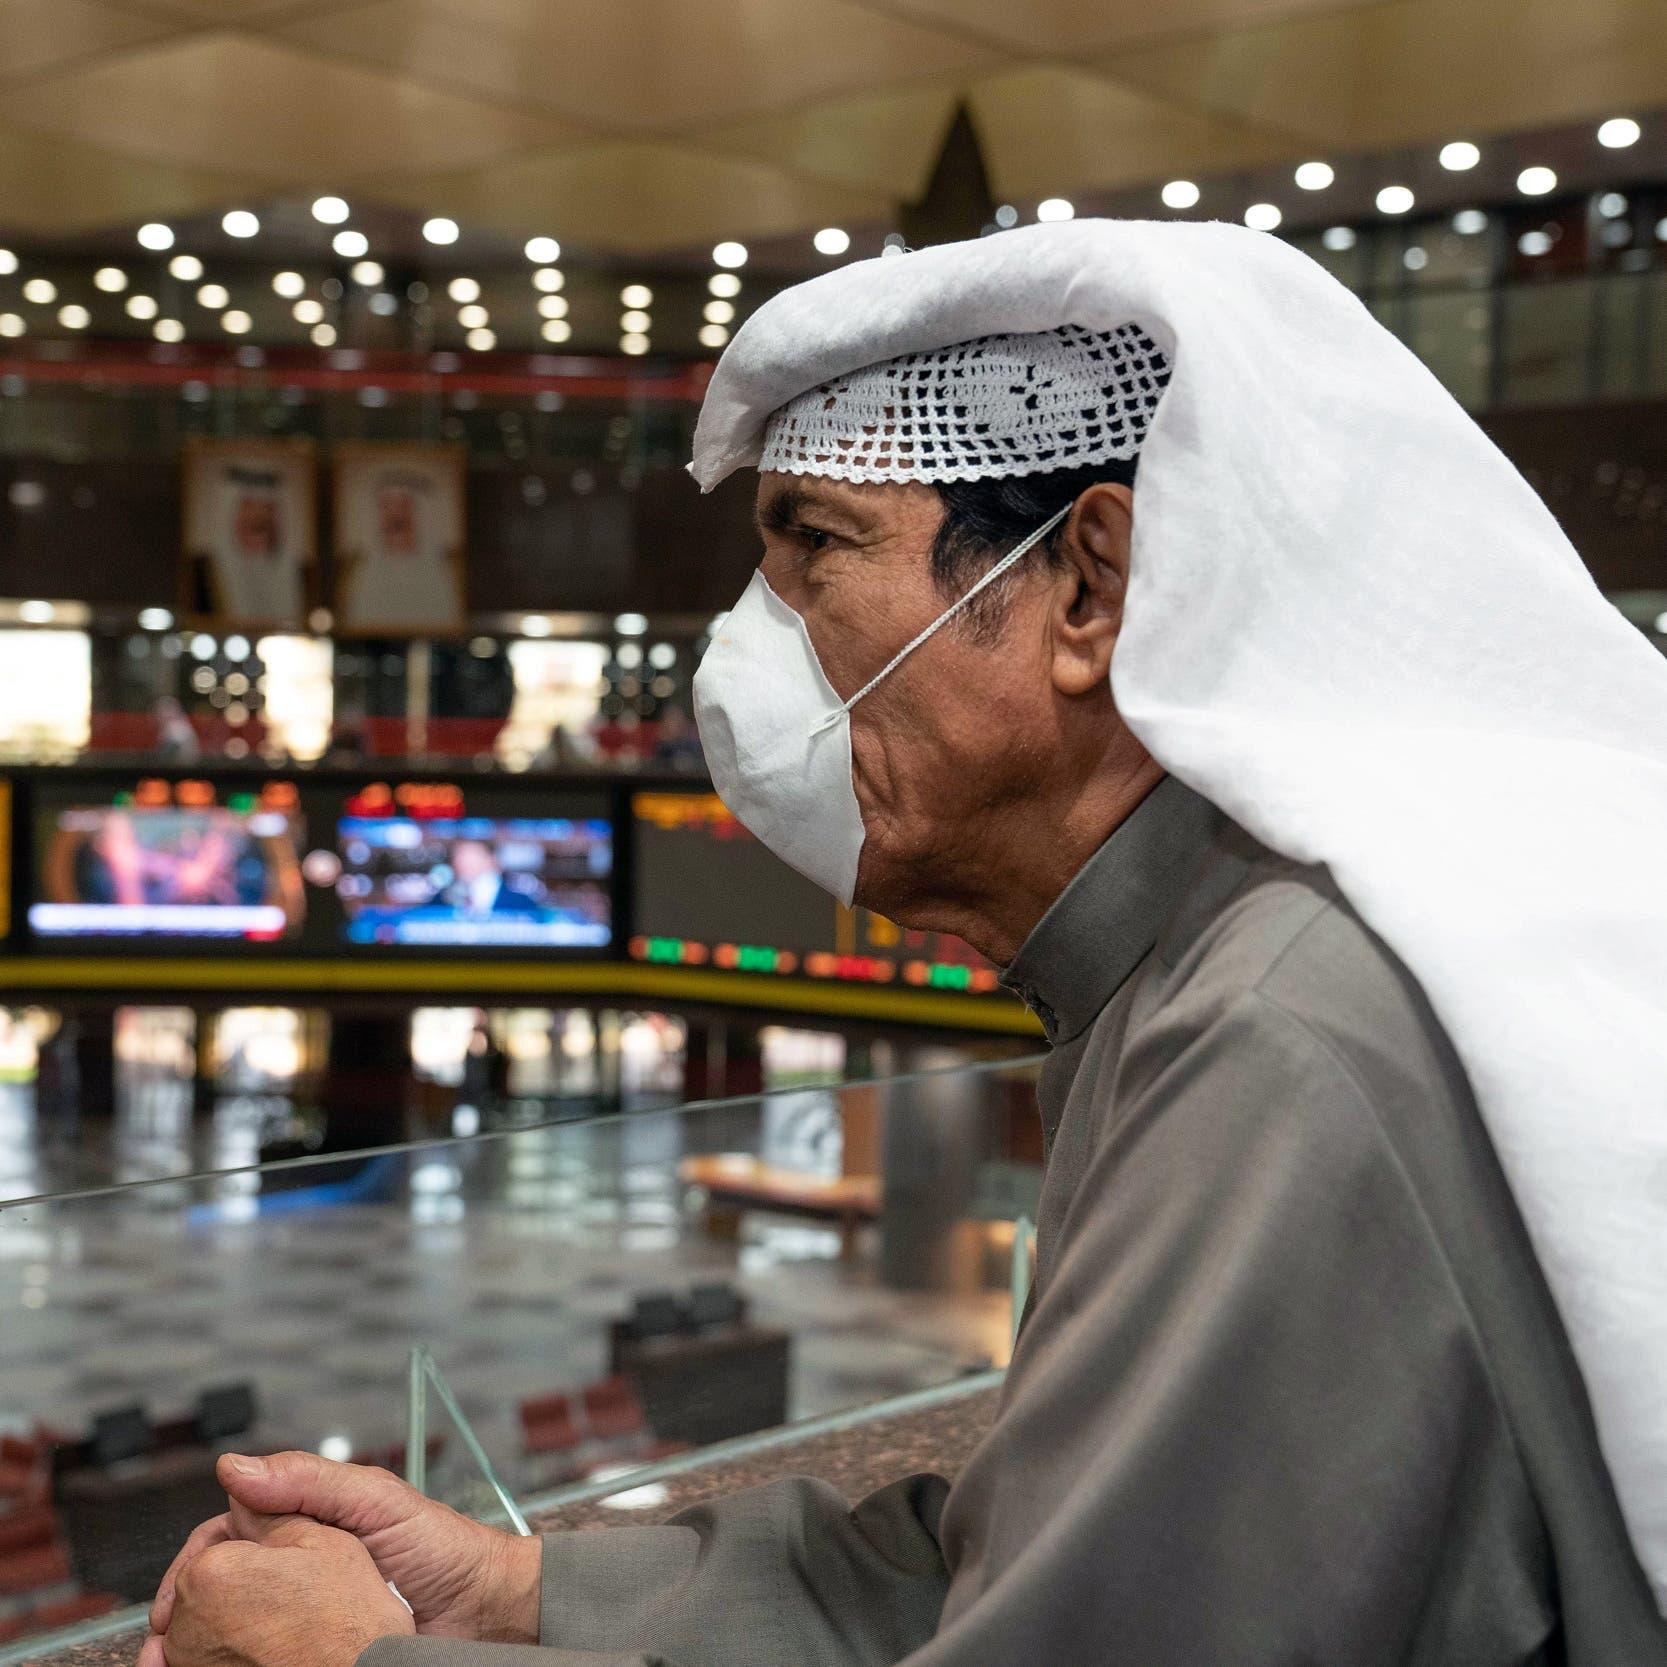 مصادر: شركات وساطة تفتح باب التمويل للاستثمار في بورصة الكويت